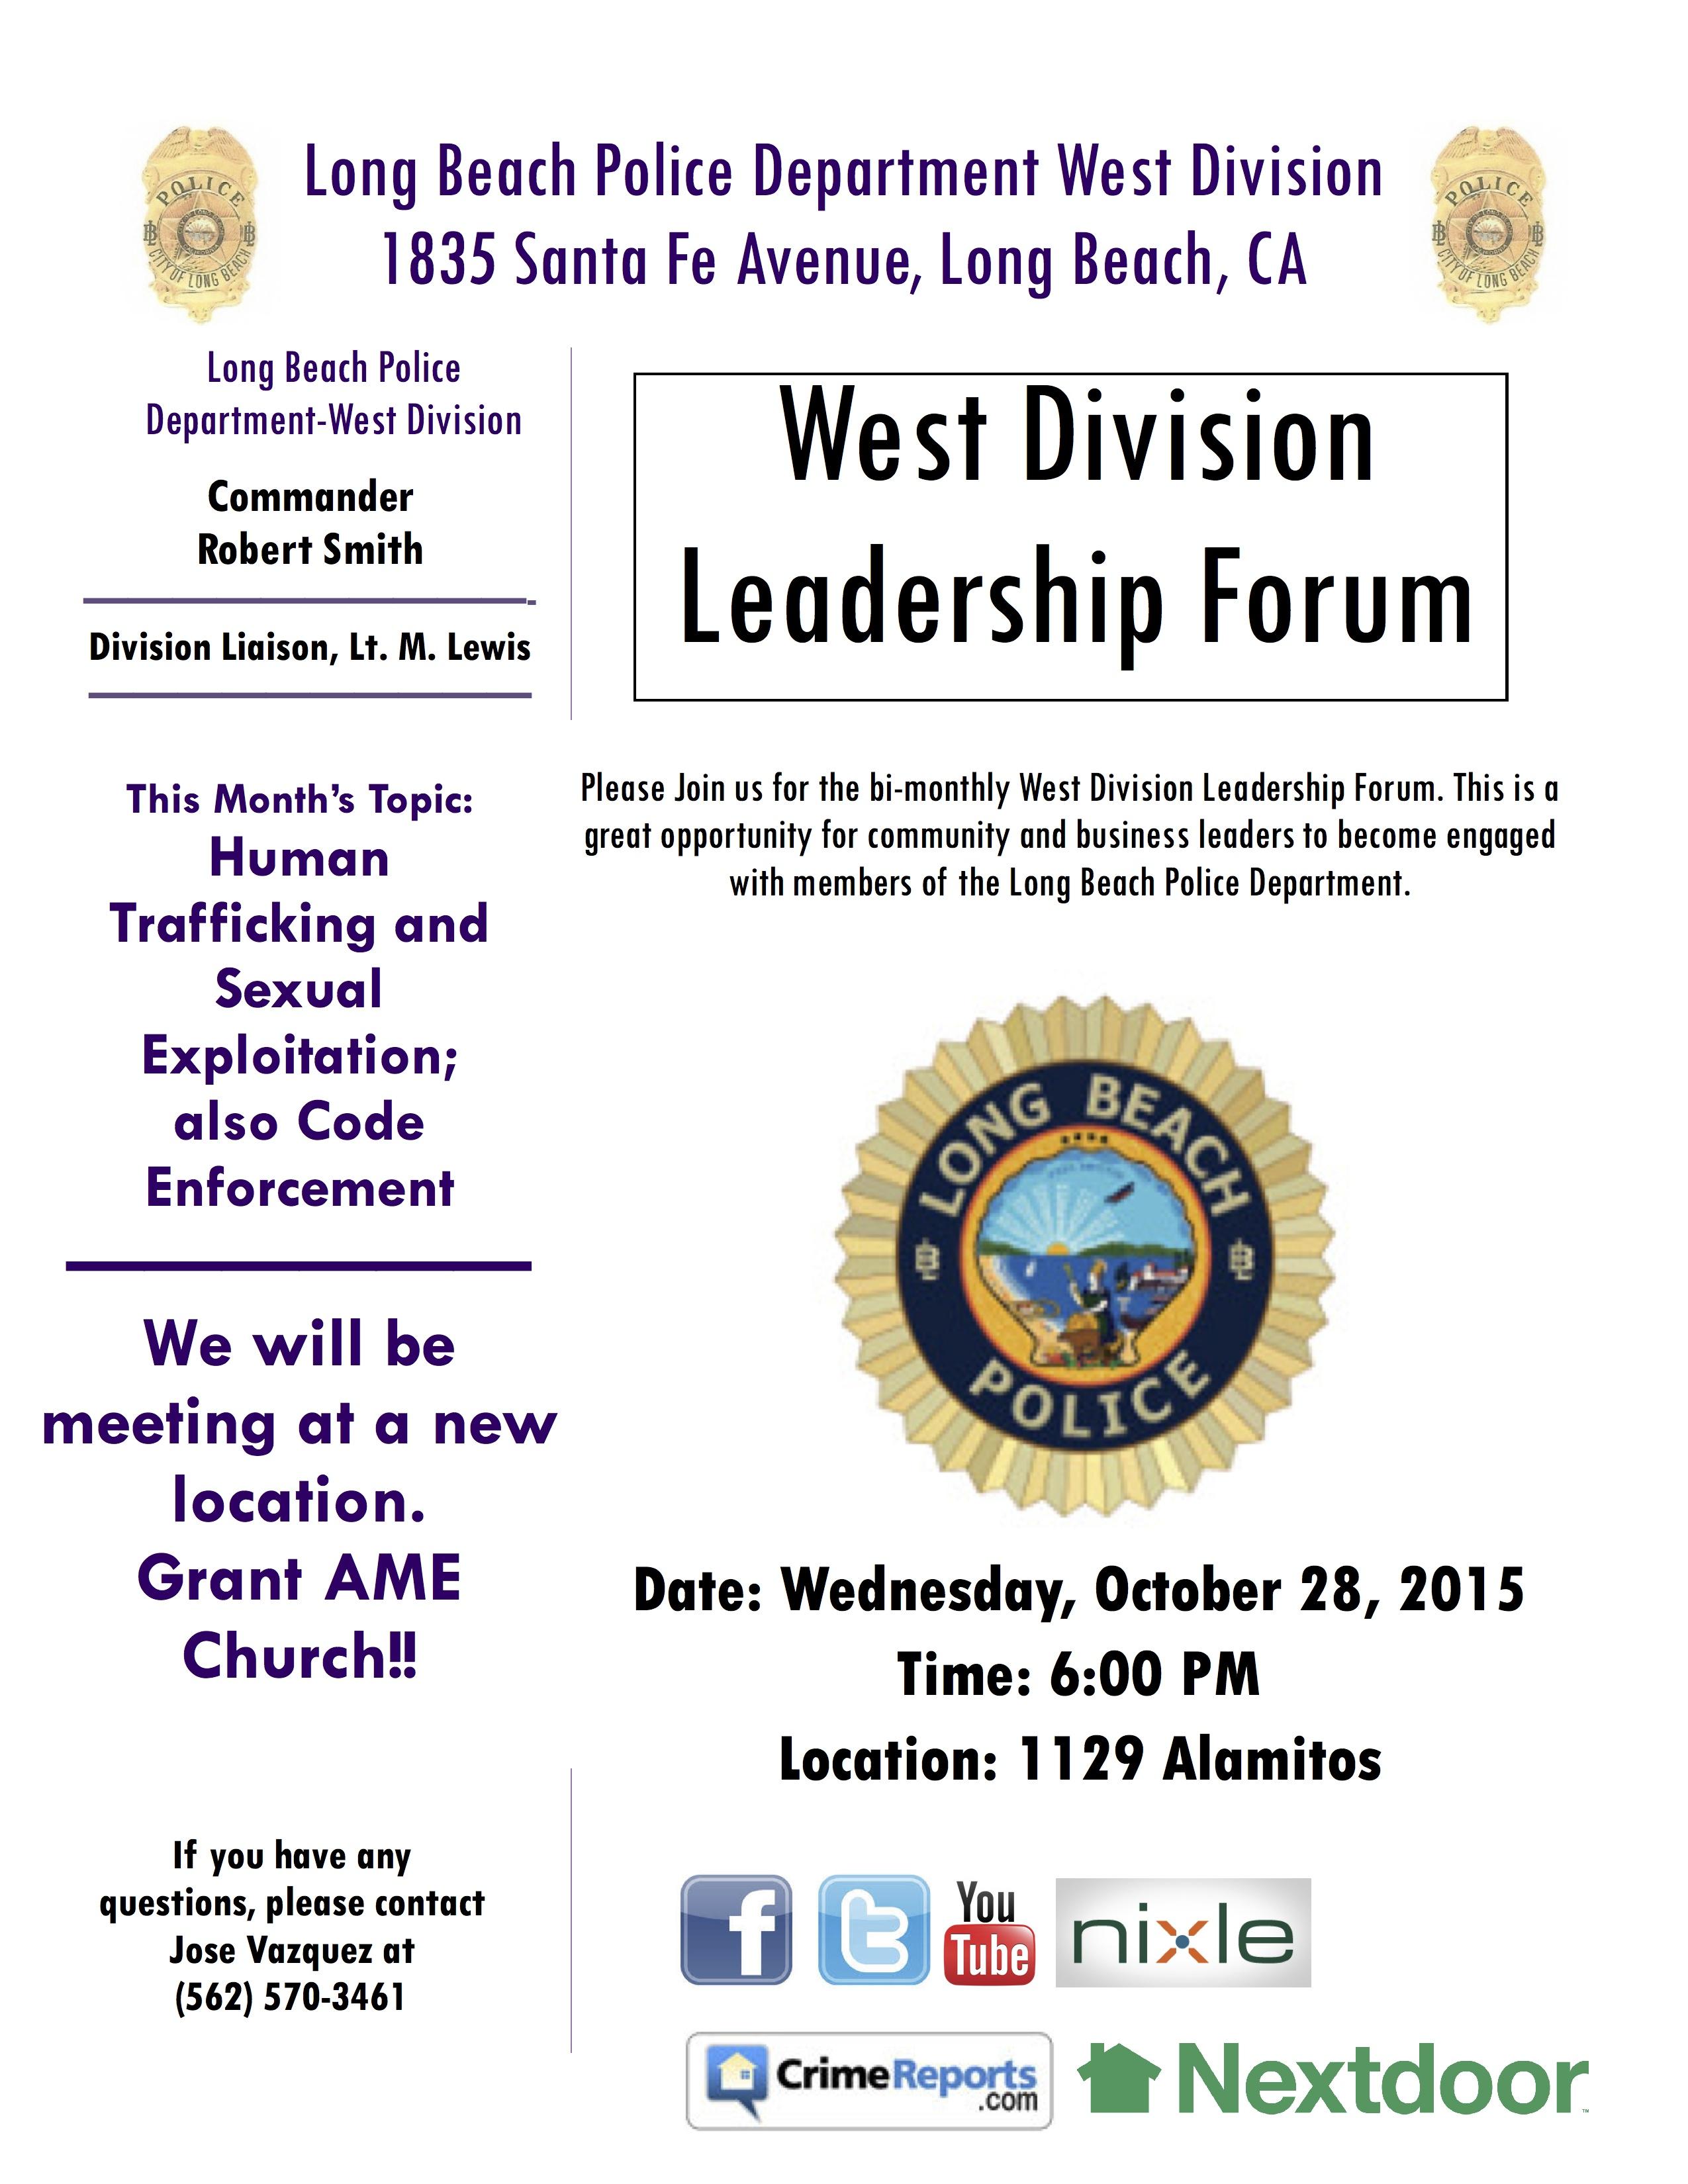 District 7 lbpd west division leadership forum xflitez Image collections